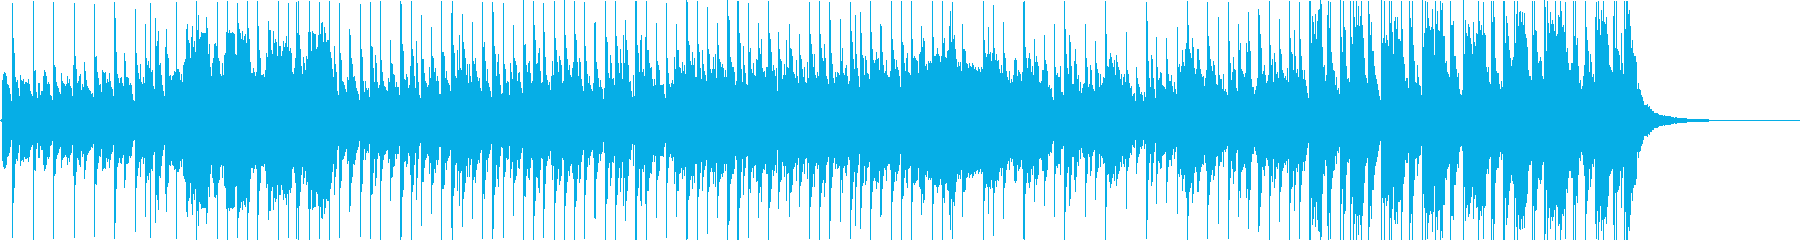 ゆったりとしてアンニュイなエレクトロの再生済みの波形